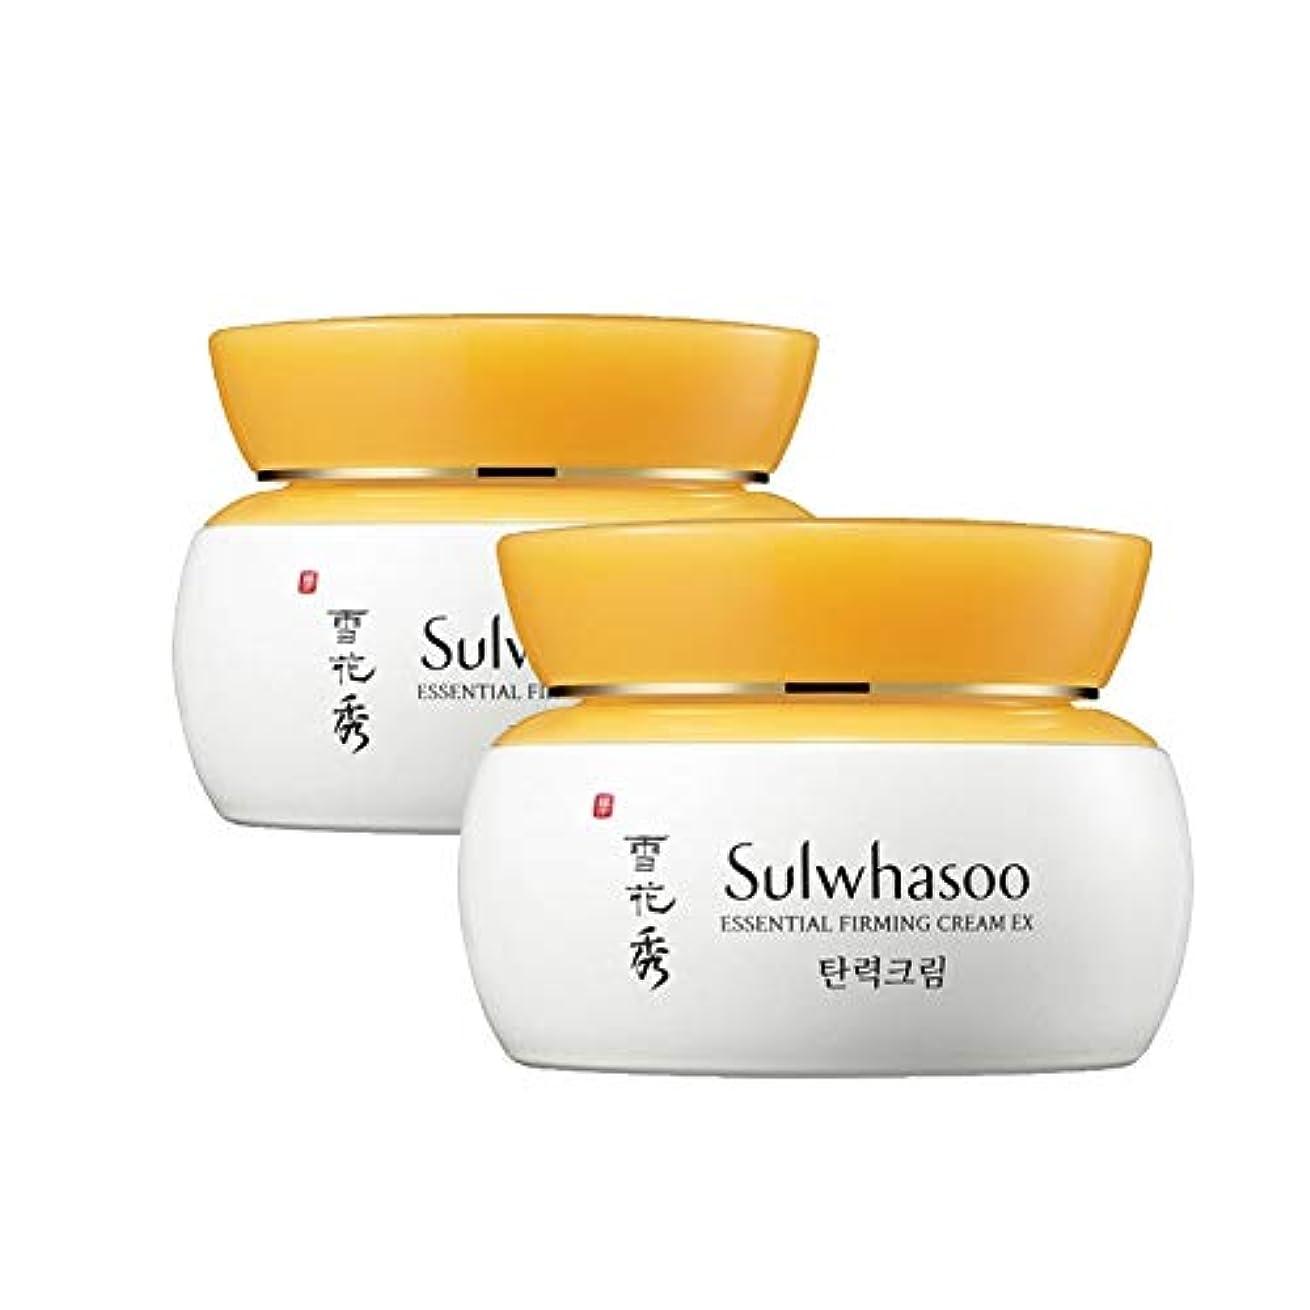 ライバル思春期の麻痺雪花秀エッセンシャルパーミングクリーム 75mlx2本セット弾力クリーム韓国コスメ、Sulwhasoo Essential Firming Cream 75ml x 2ea Set Korean Cosmetics [並行輸入品]